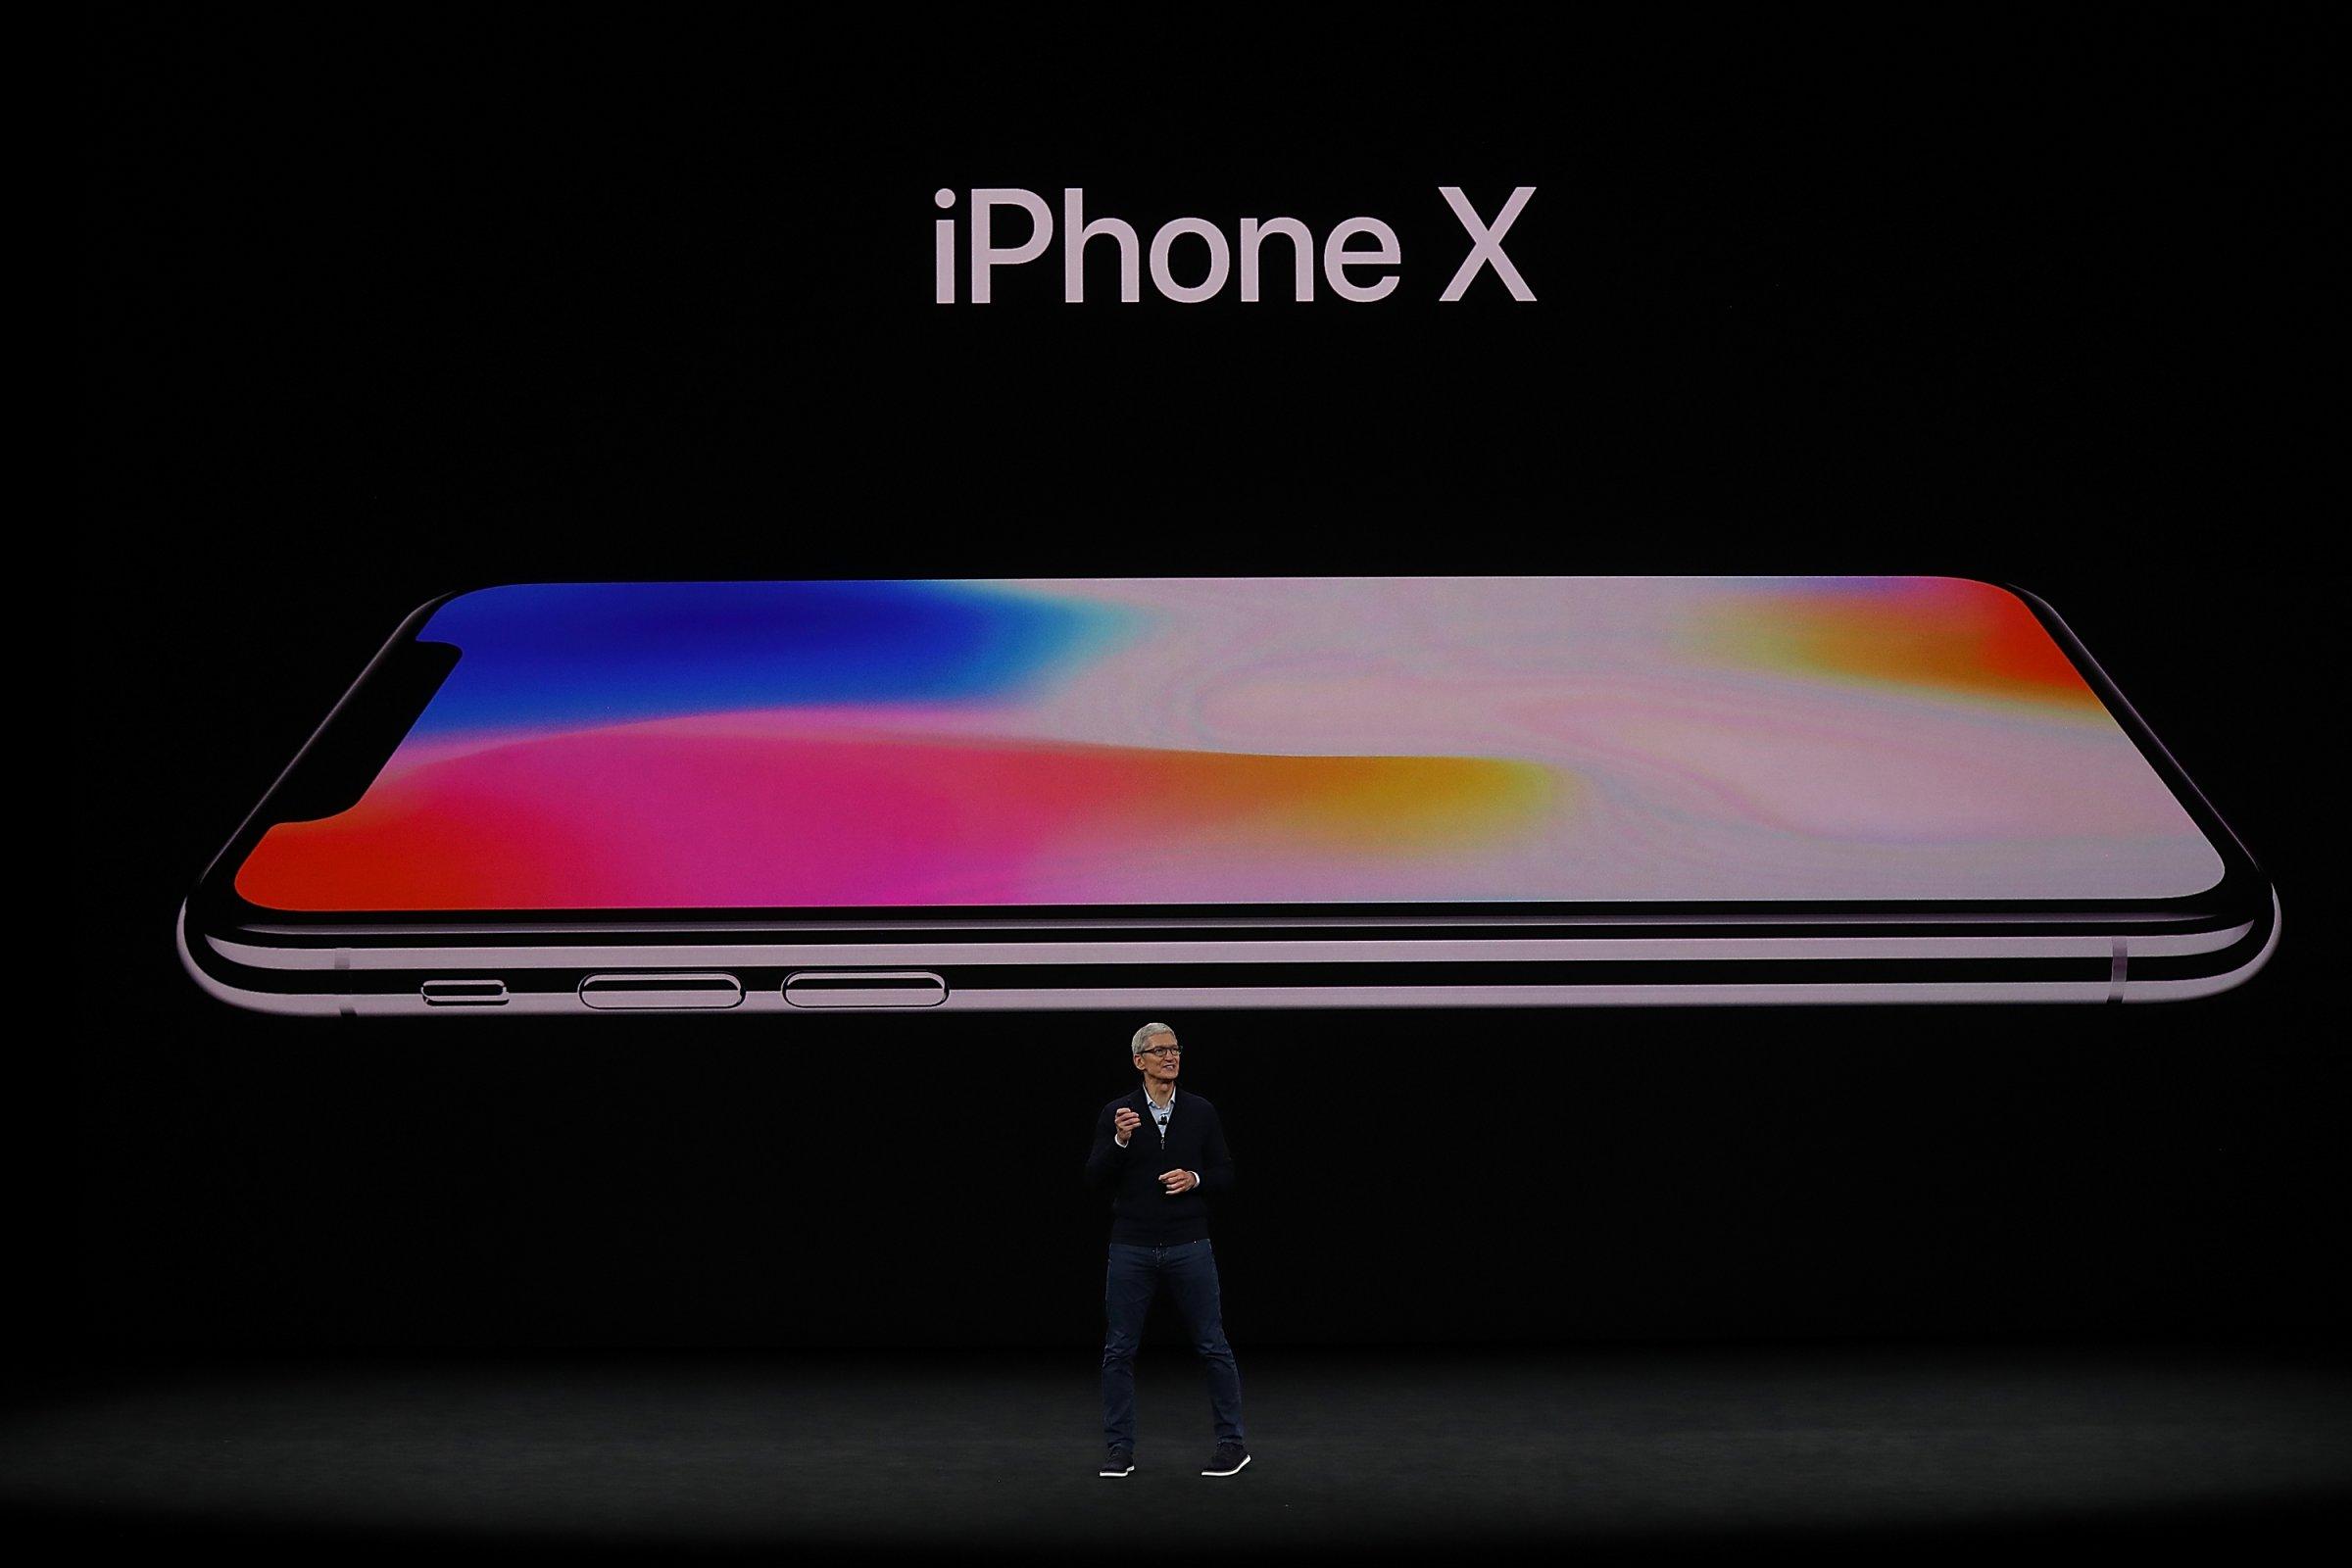 iphone x tim cook - iPhone X: Interview s našim čitateľom, časť 1.